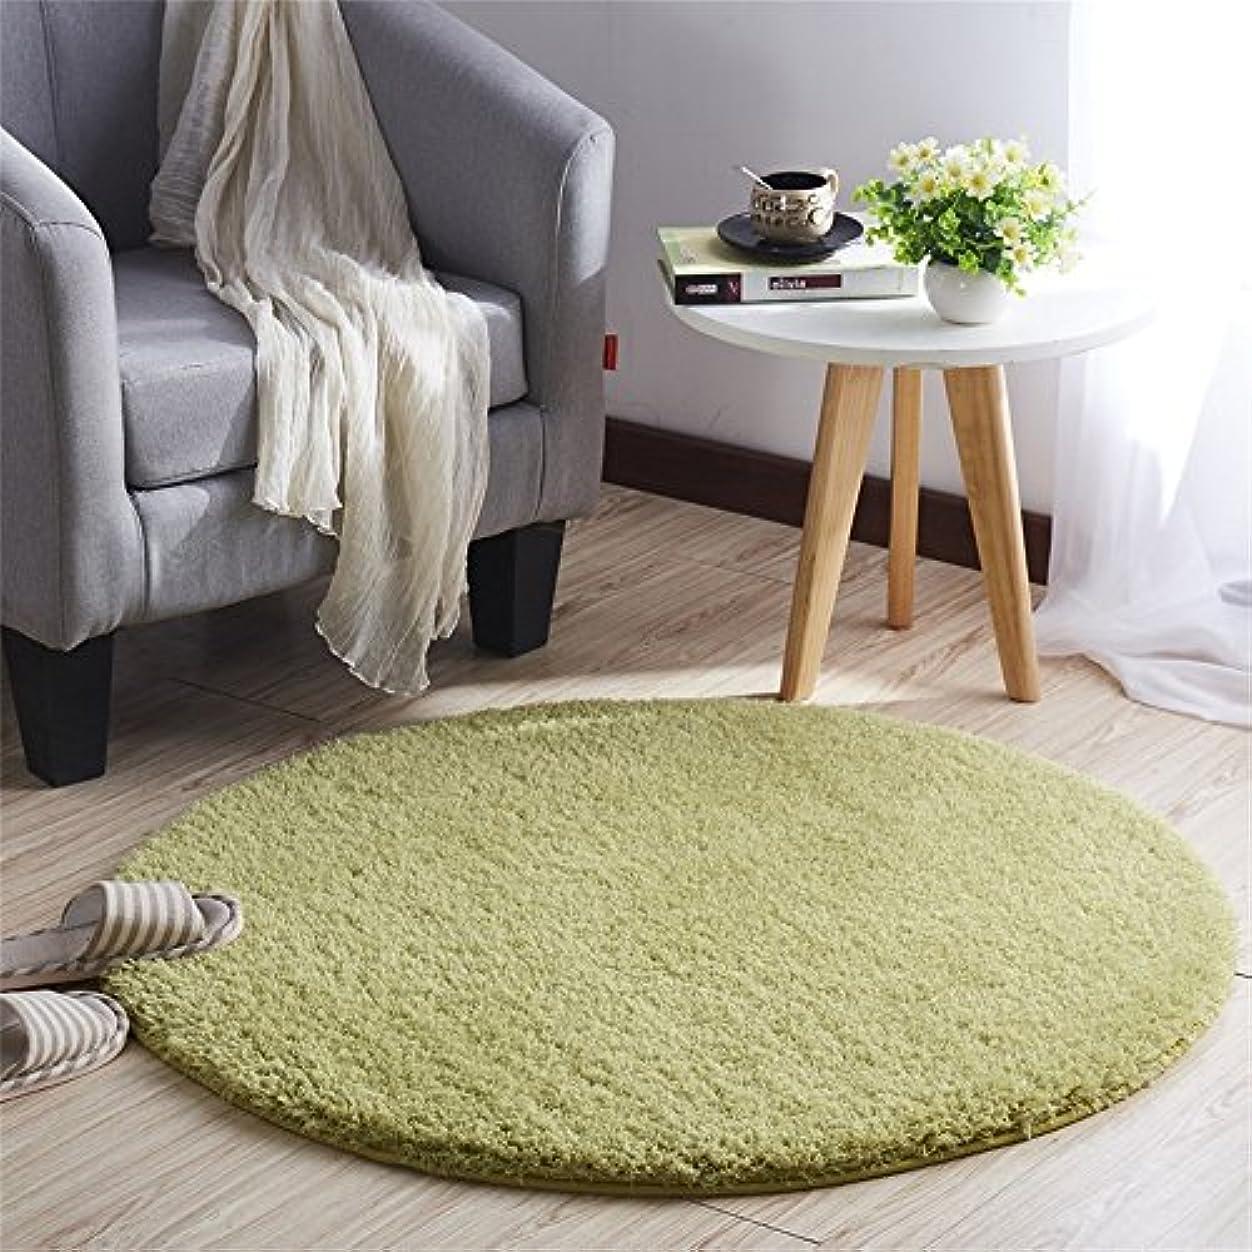 サイトライントランスミッション中世のCLAXAM 一瞬だけでとろけそう~!ラブリーシャギーラグ 丸い絨毯 極上の繊細さと柔らかさ、サラサラな質感で、あなたの欠かせない家飾りの味方 (80cm, グラスグリーン)